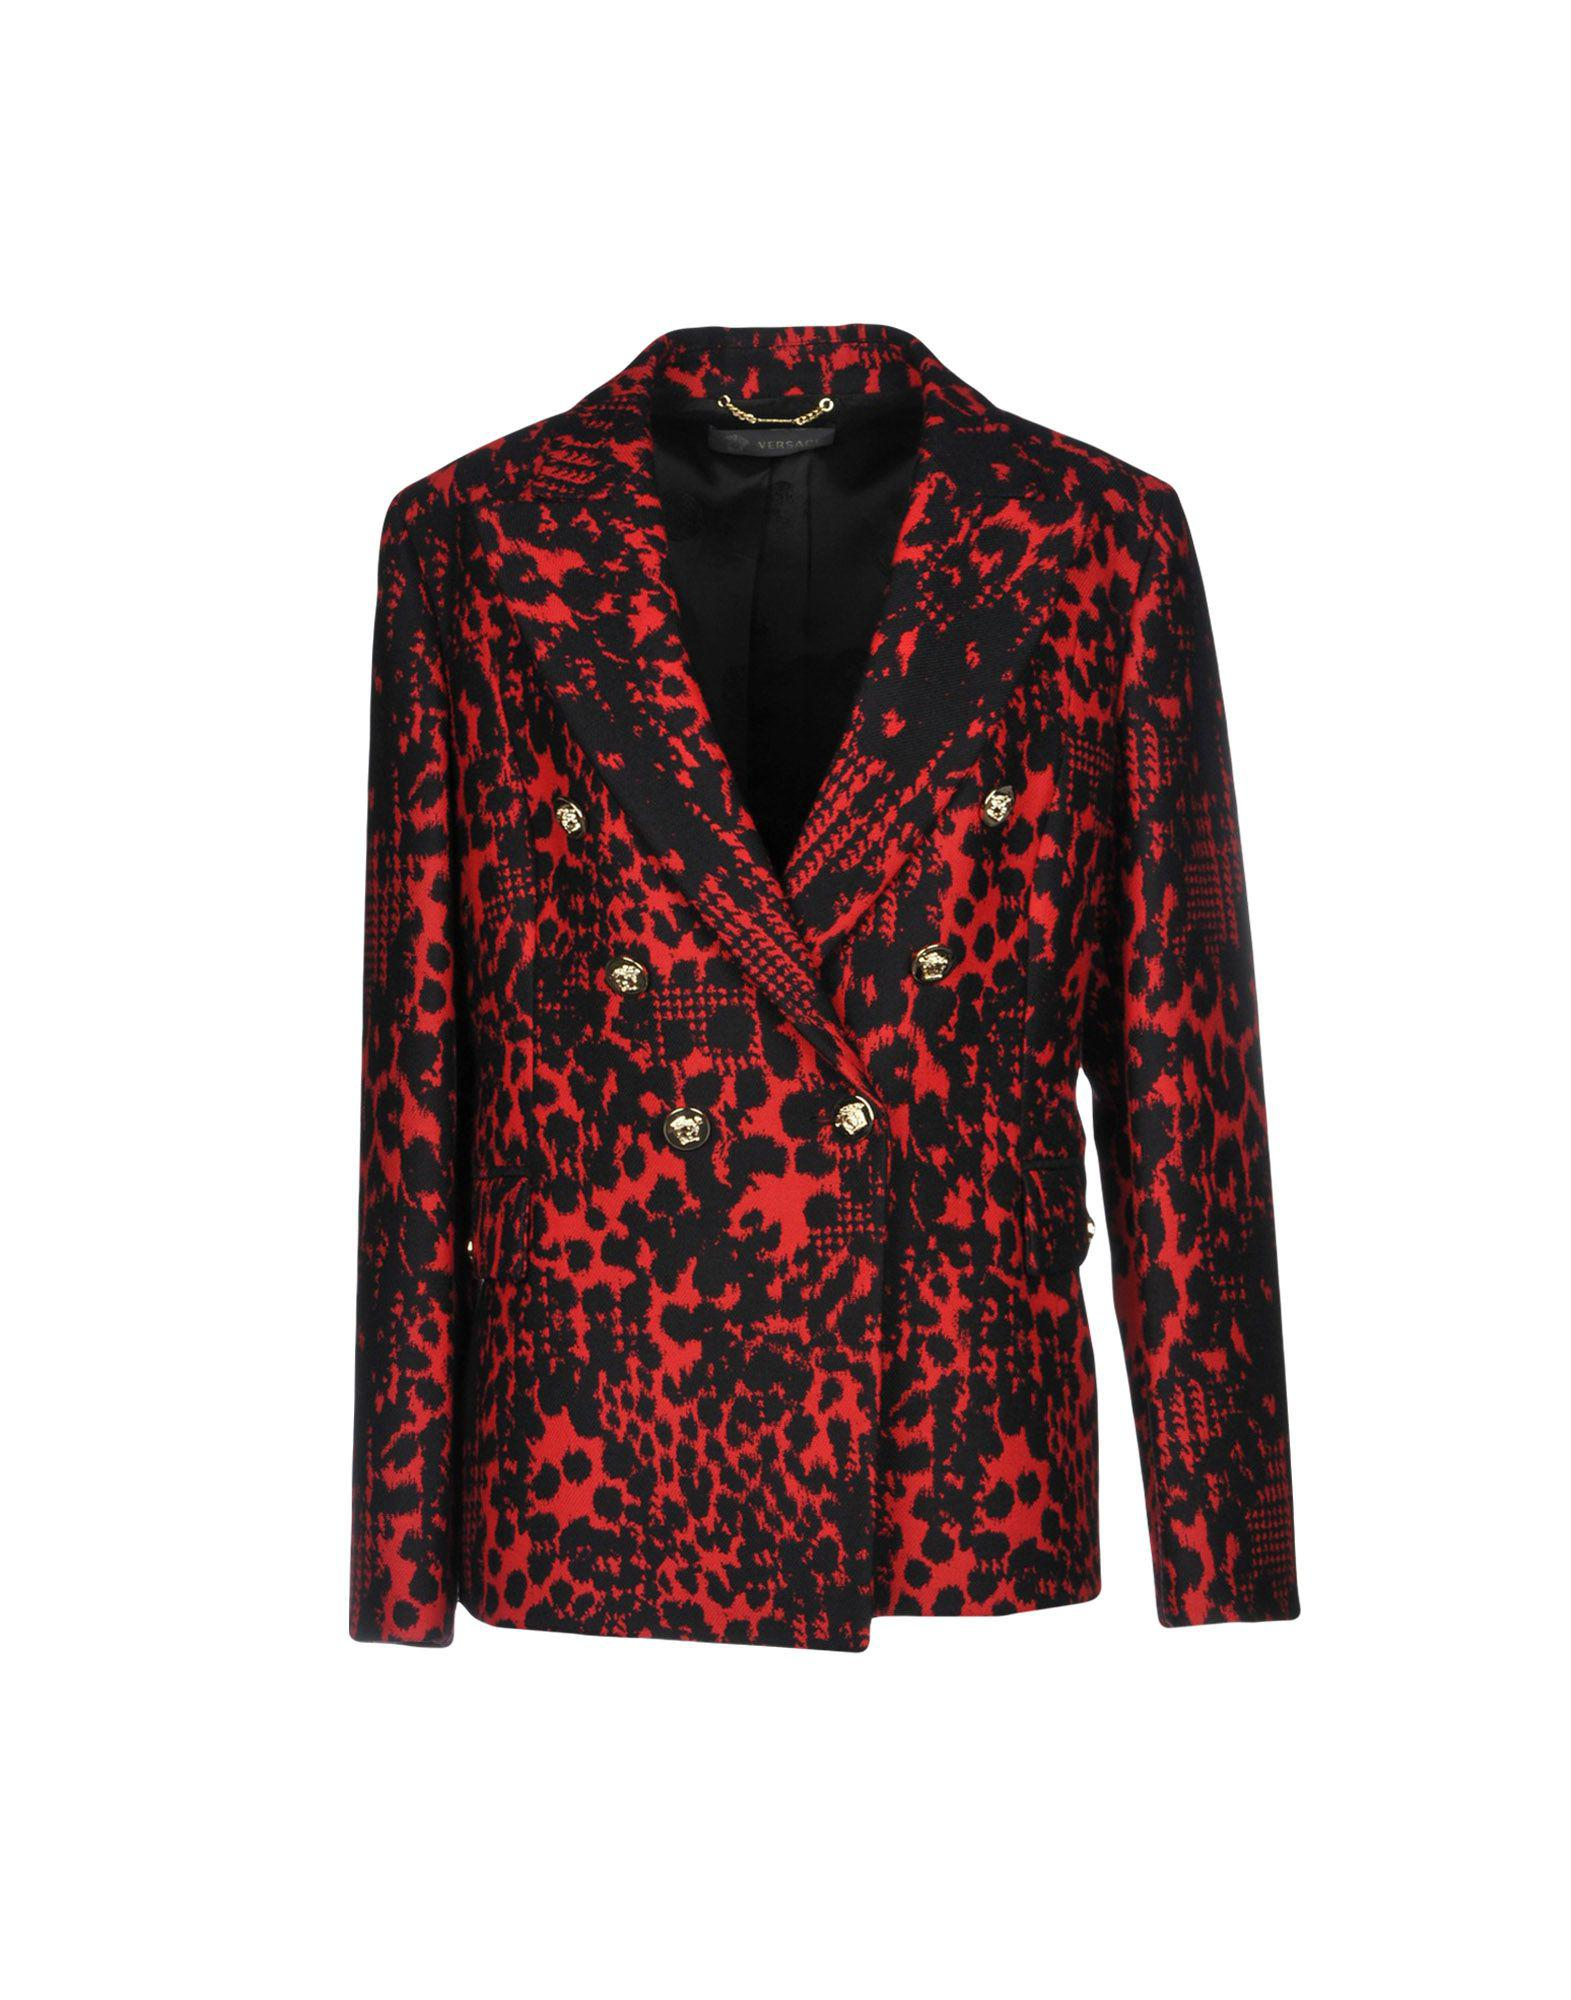 Veste Rouge Lyst En Coloris Versace HaawCqnB e0853a4d7a0